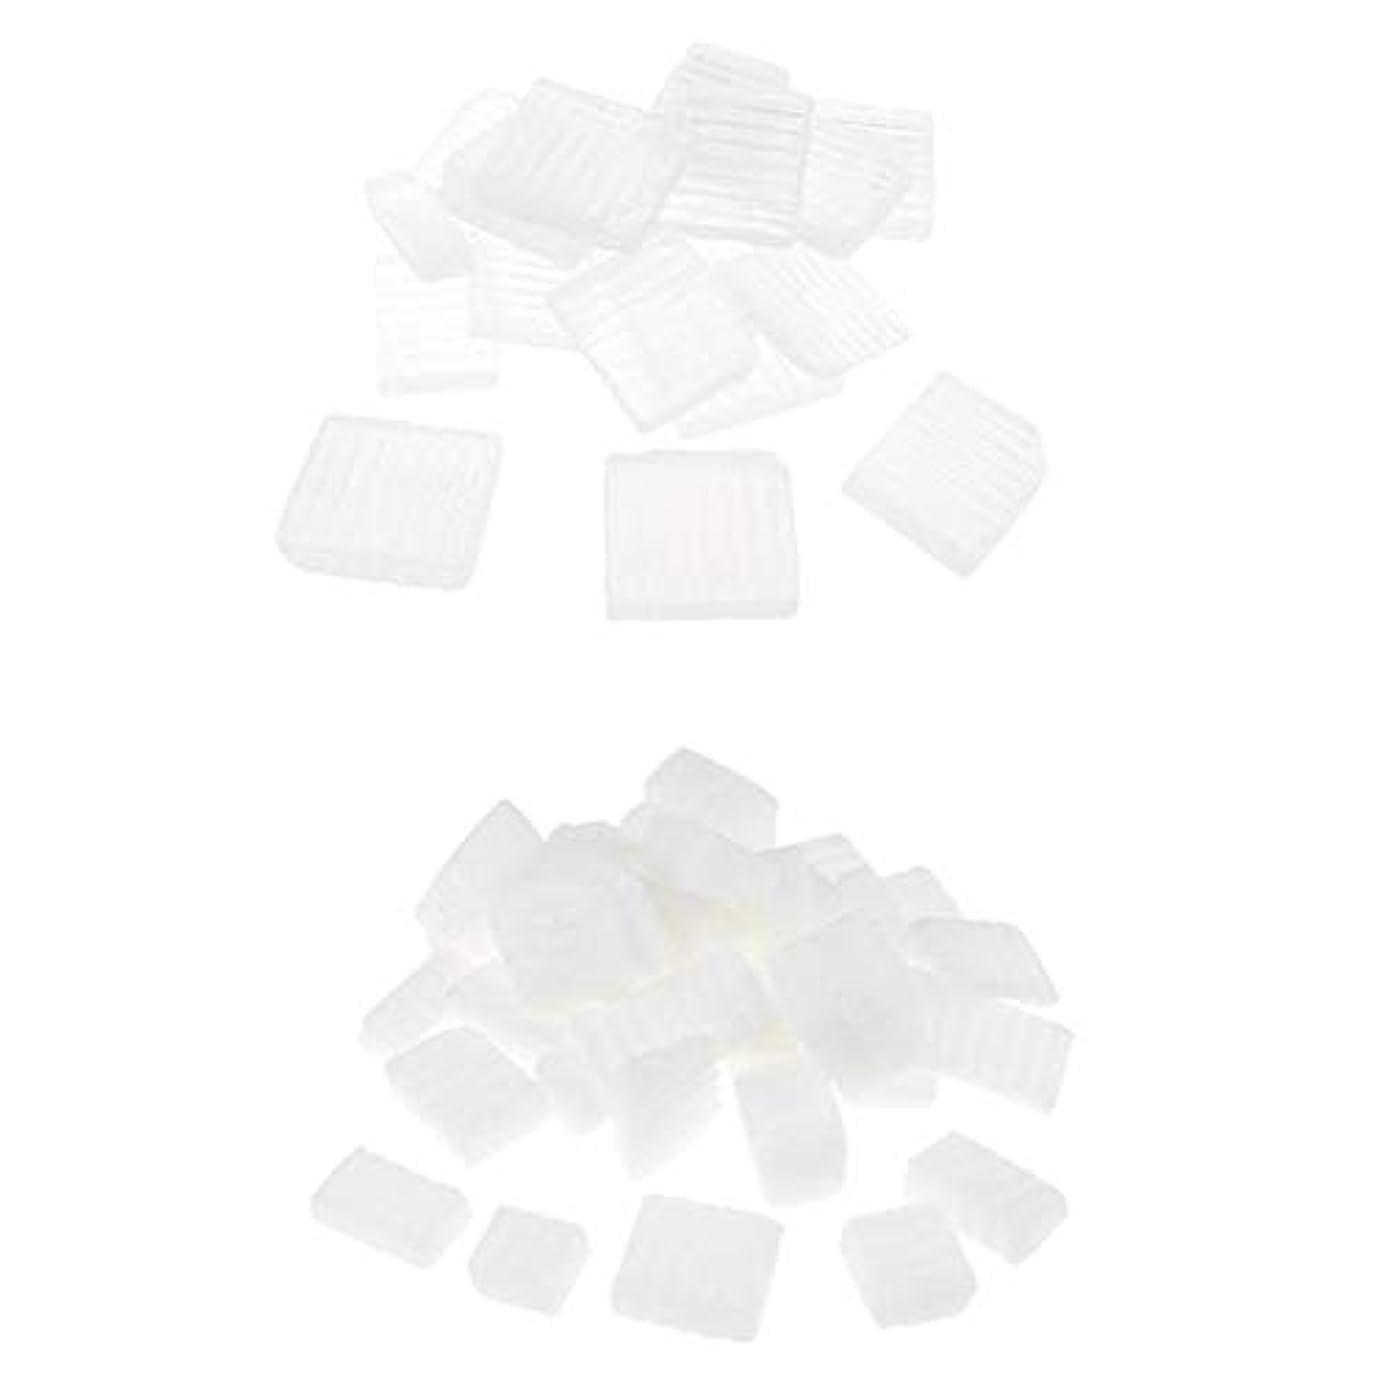 去るガイダンス極小Baoblaze 固形せっけん 2KG 2種 ホワイト 透明 DIYハンドメイド ソープ原料 石鹸製造 古典的